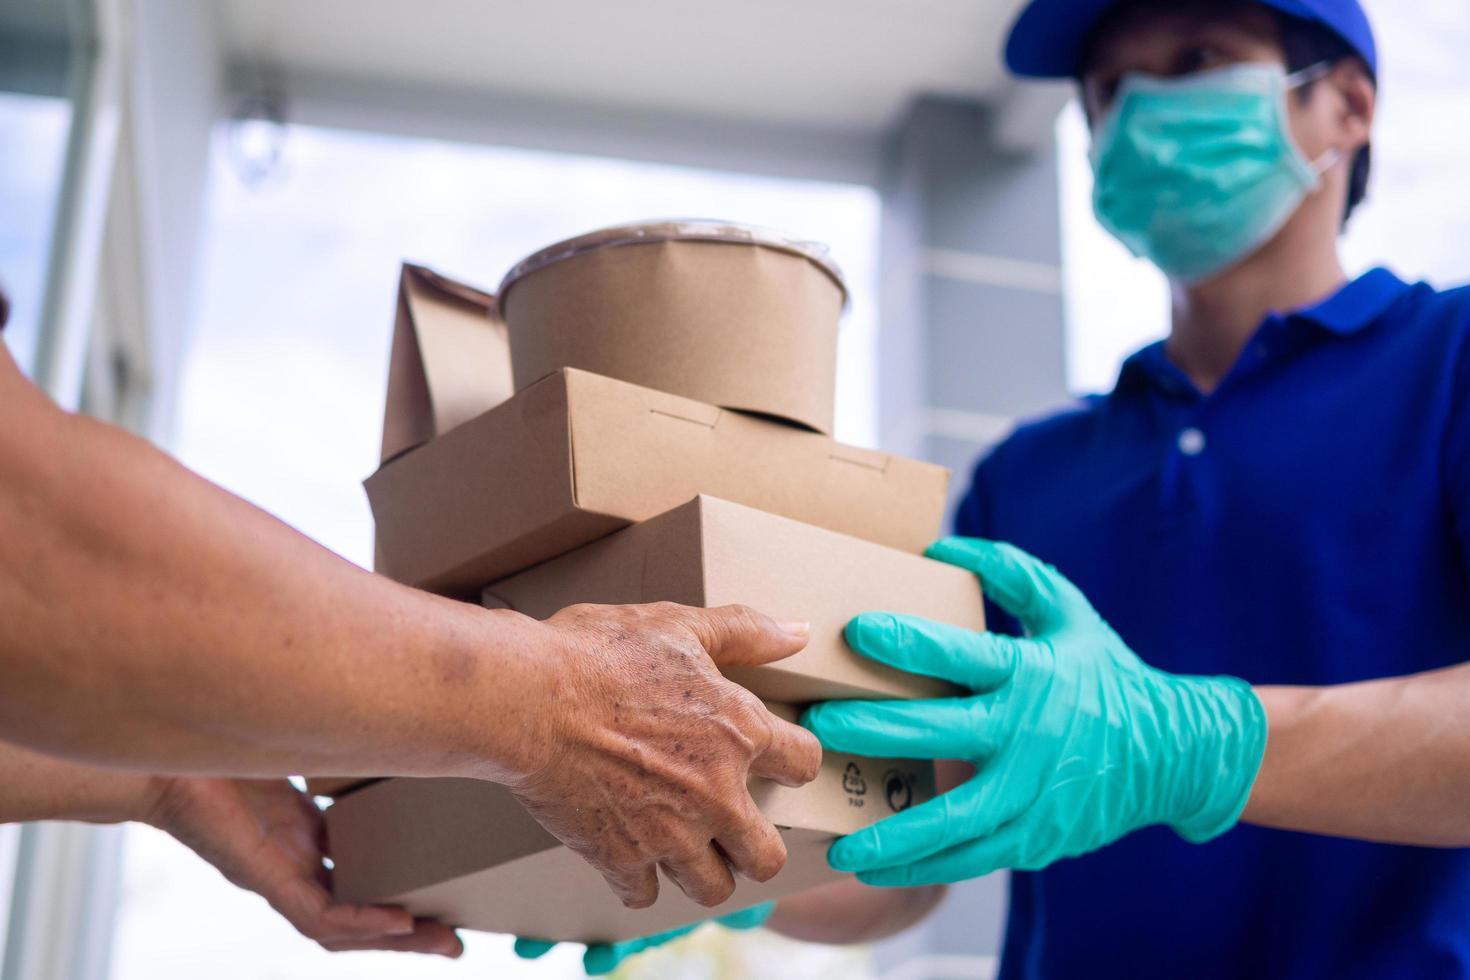 L'addetto alla consegna del cibo indossa una maschera e guanti alla porta del cliente per consegnare il pranzo foto